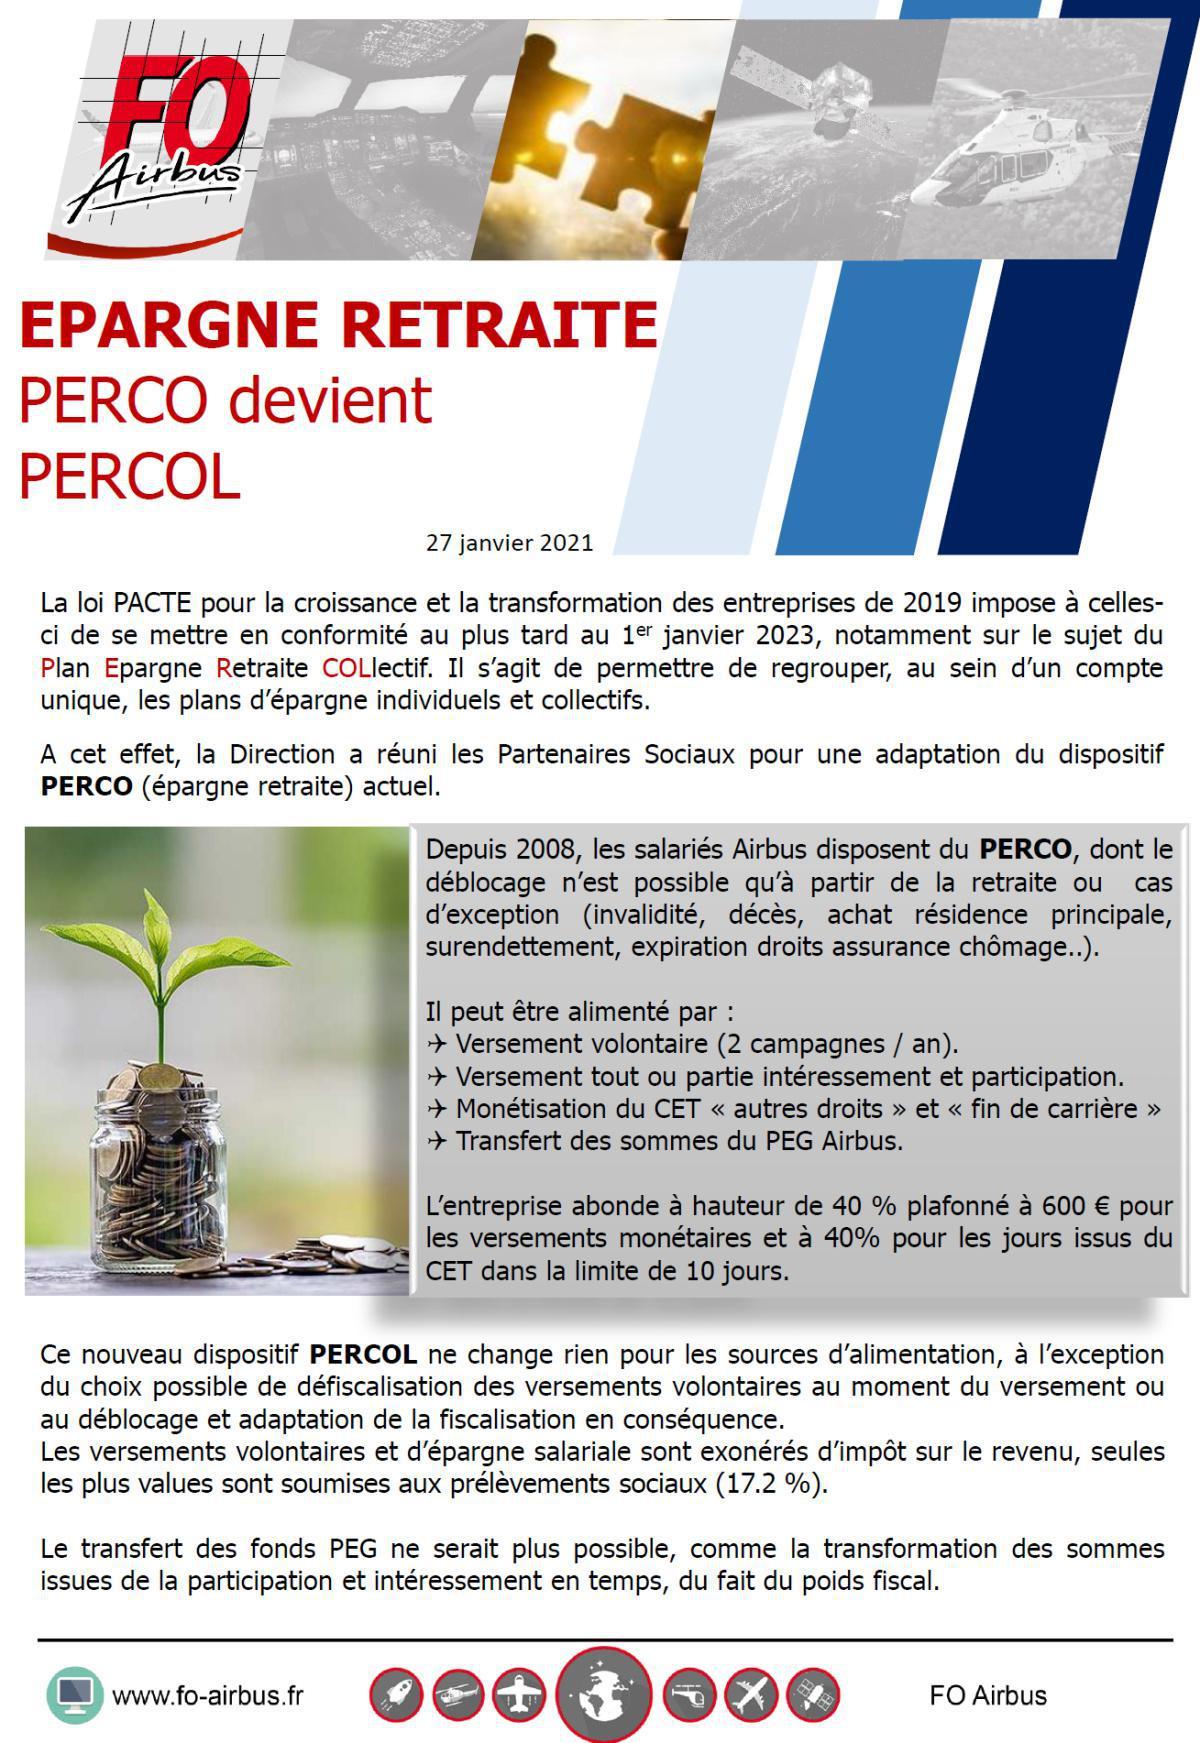 Epargne retraite PERCO devient PERCOL